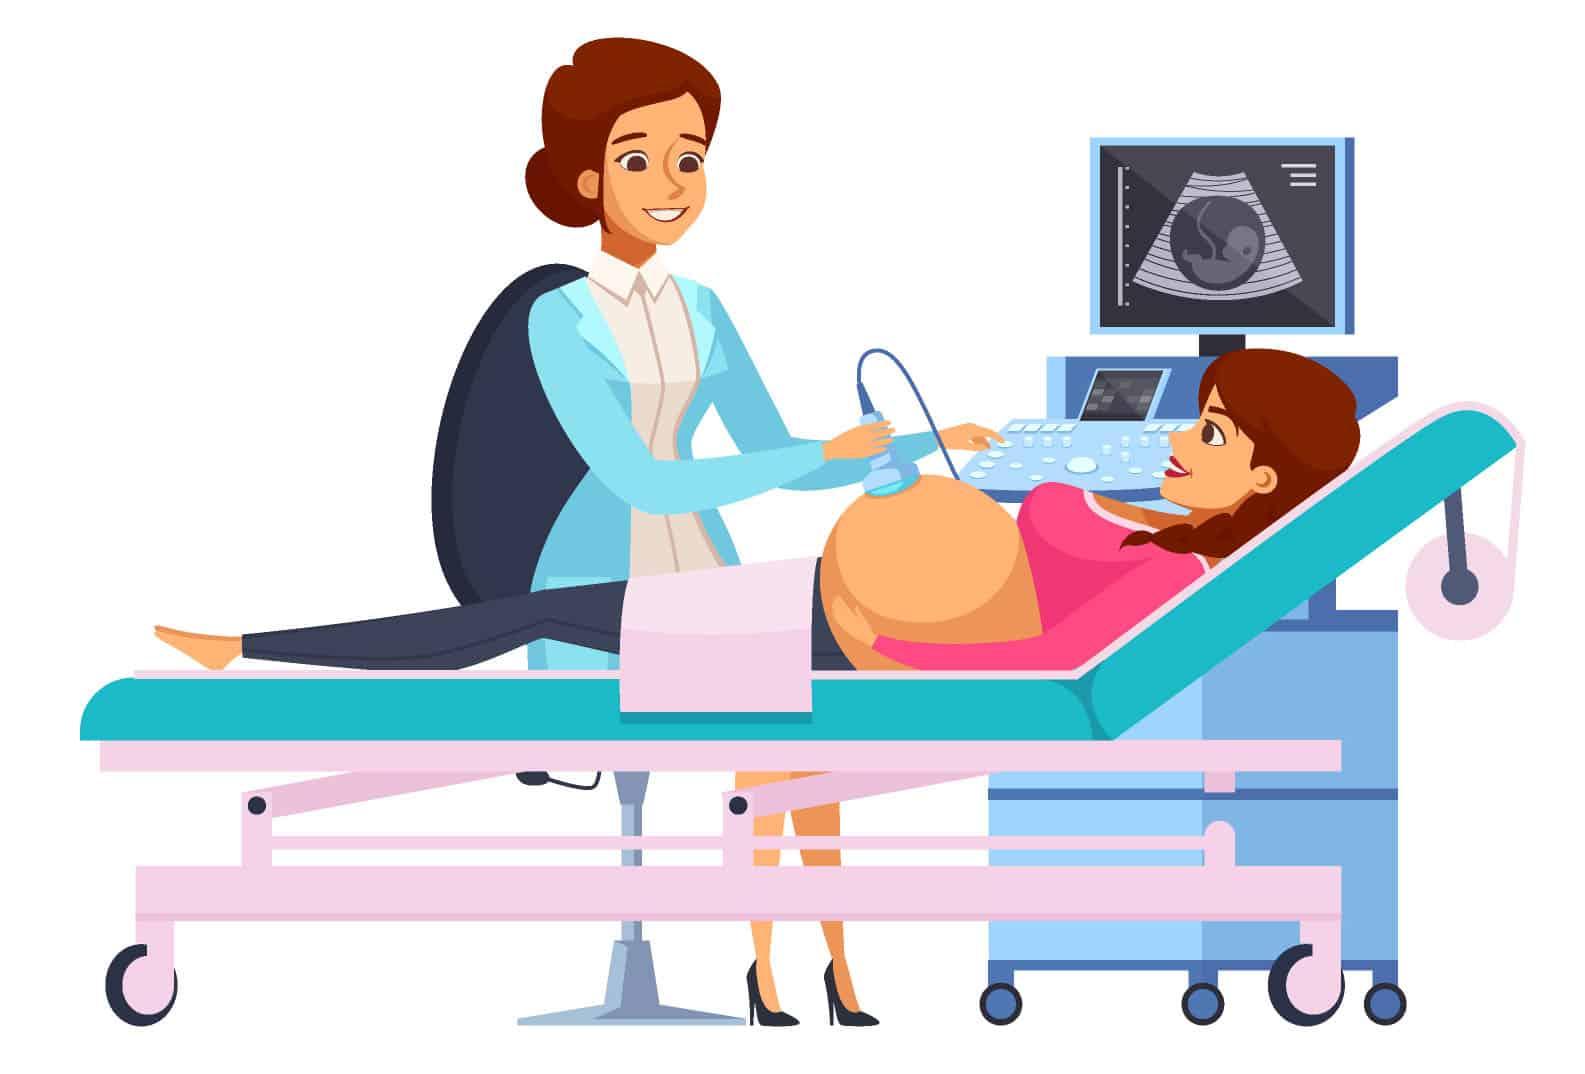 איור של אחות מבצעת אולטרסאונד לאישה בהריון